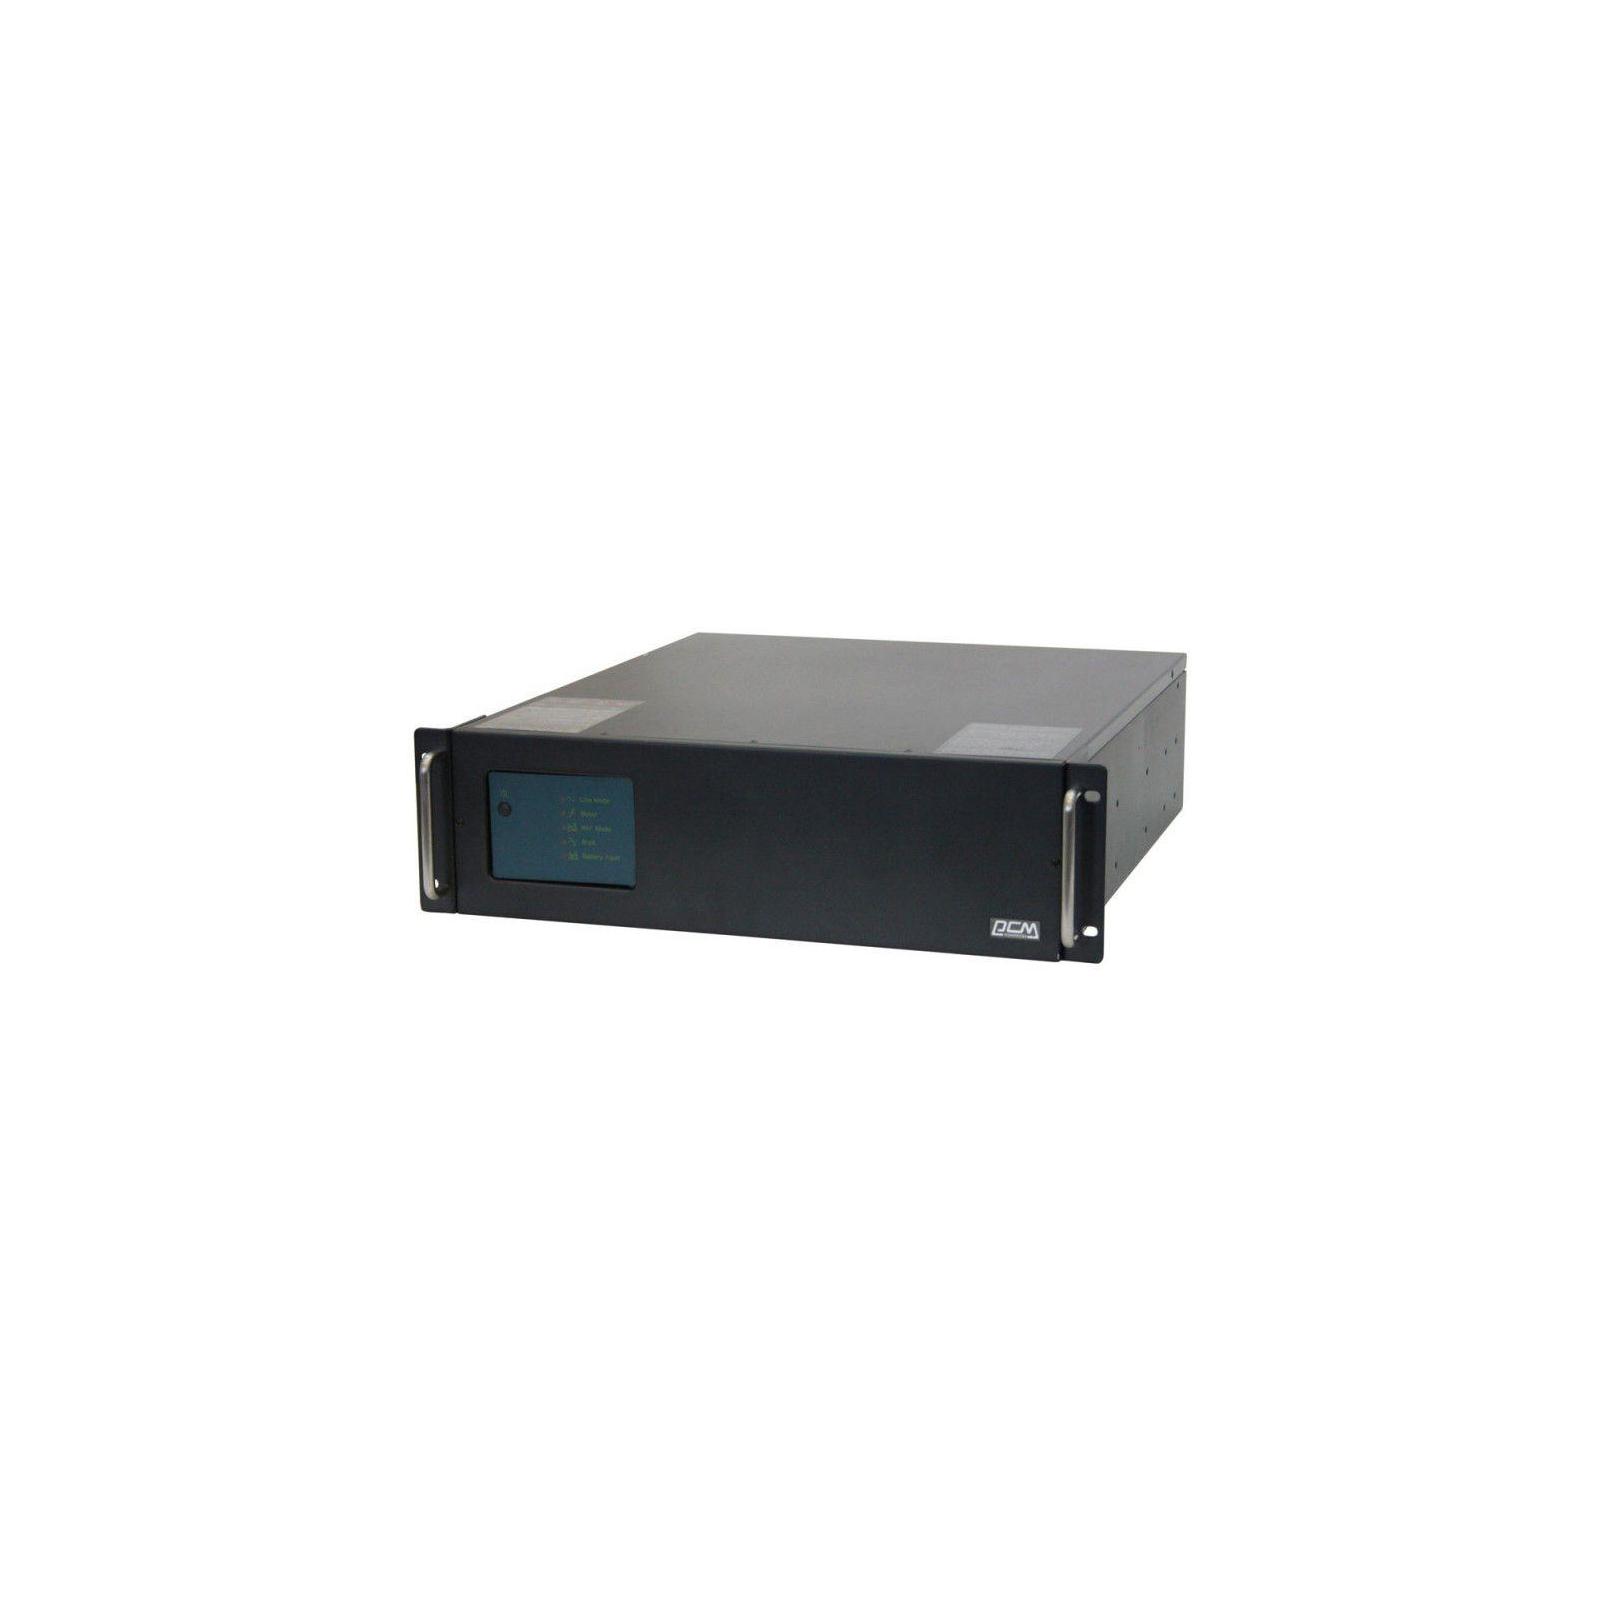 Источник бесперебойного питания KIN-2200 AP Powercom (KIN-2200 AP RM 3U)